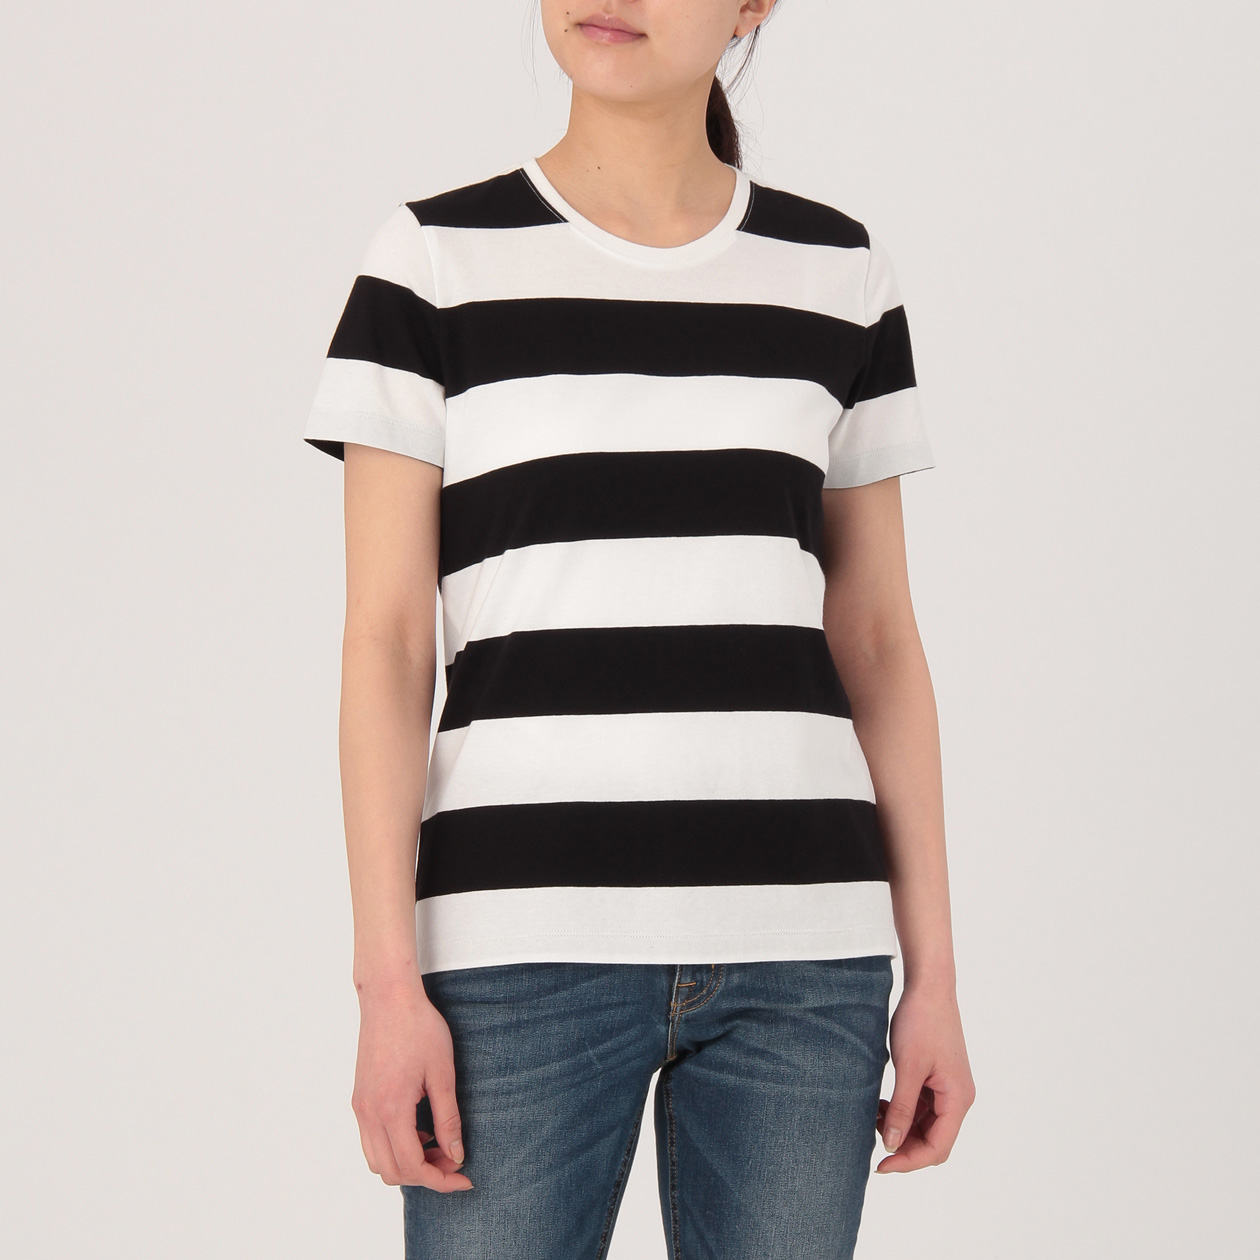 インド綿天竺編みクルーネック半袖Tシャツ(ボーダー)